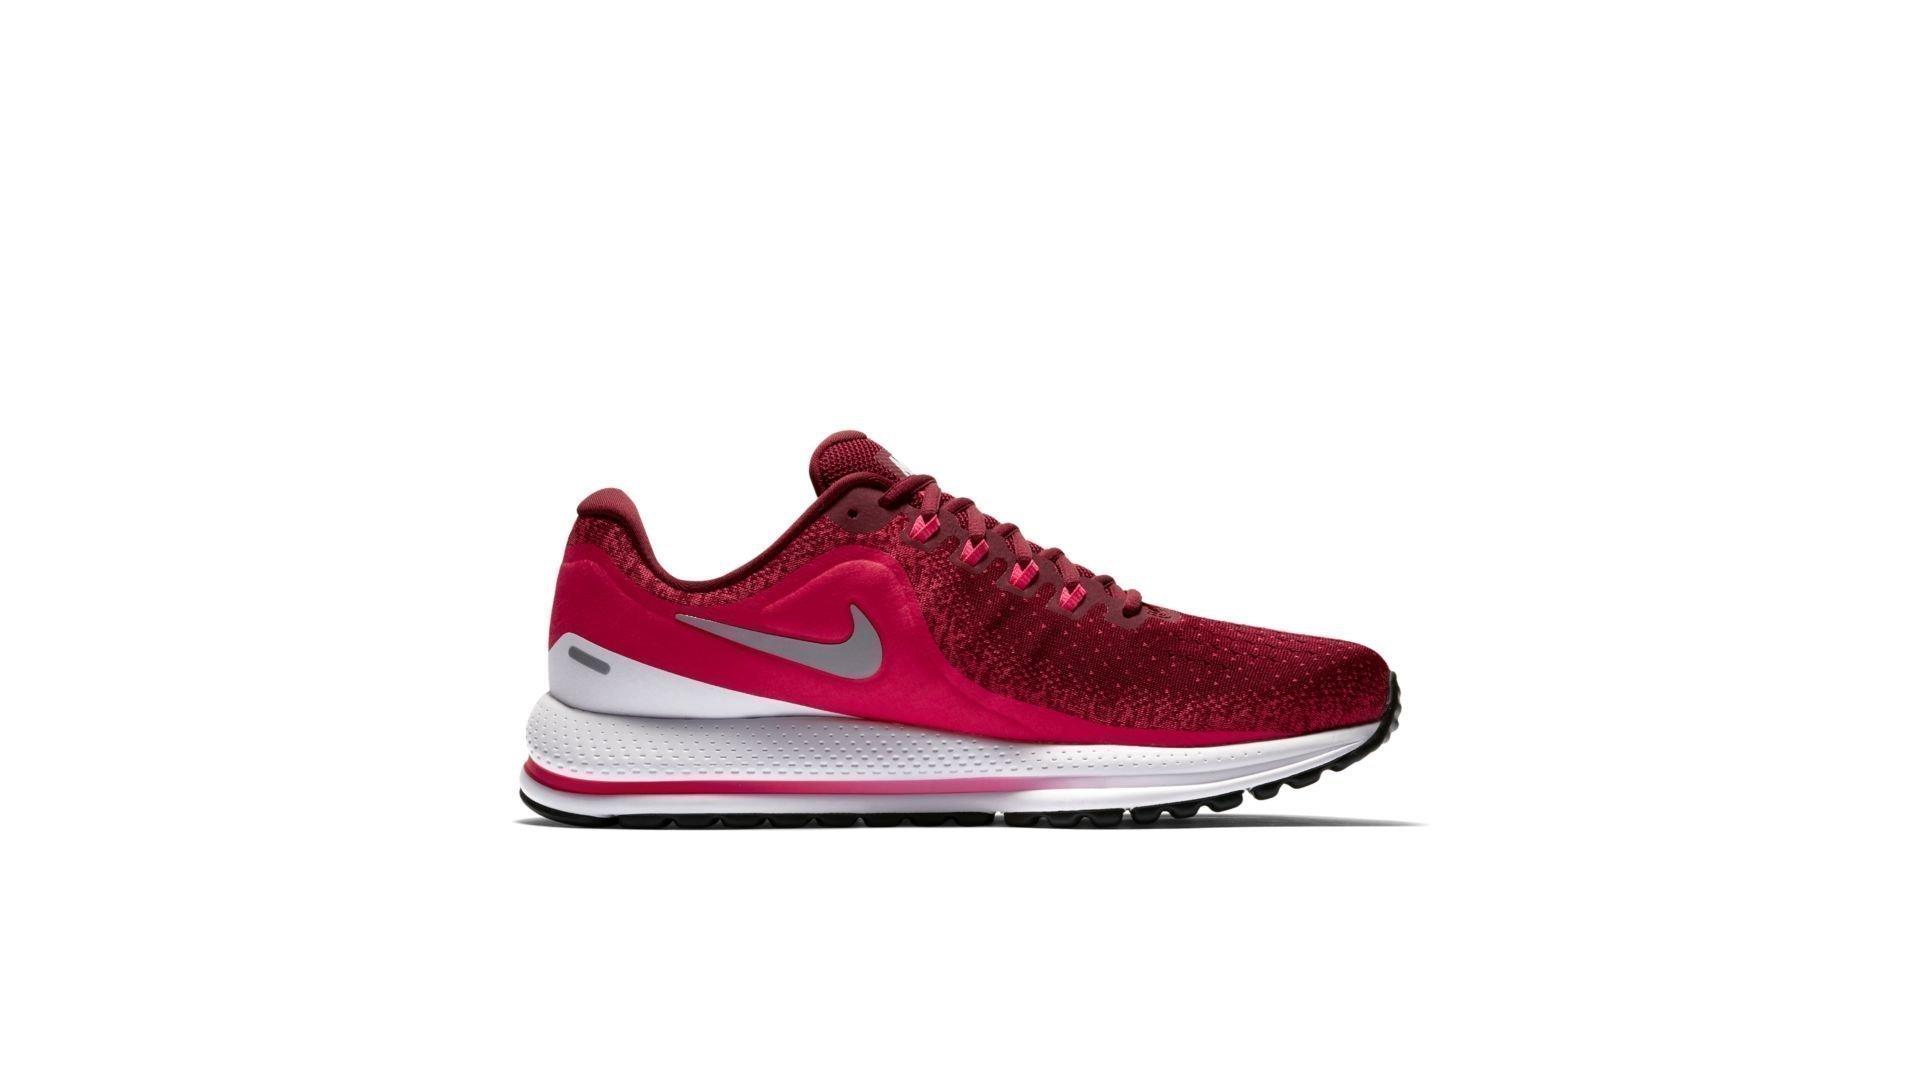 Nike Air Zoom Vomero 13 Team Red Atmosphere Grey (922908-602)